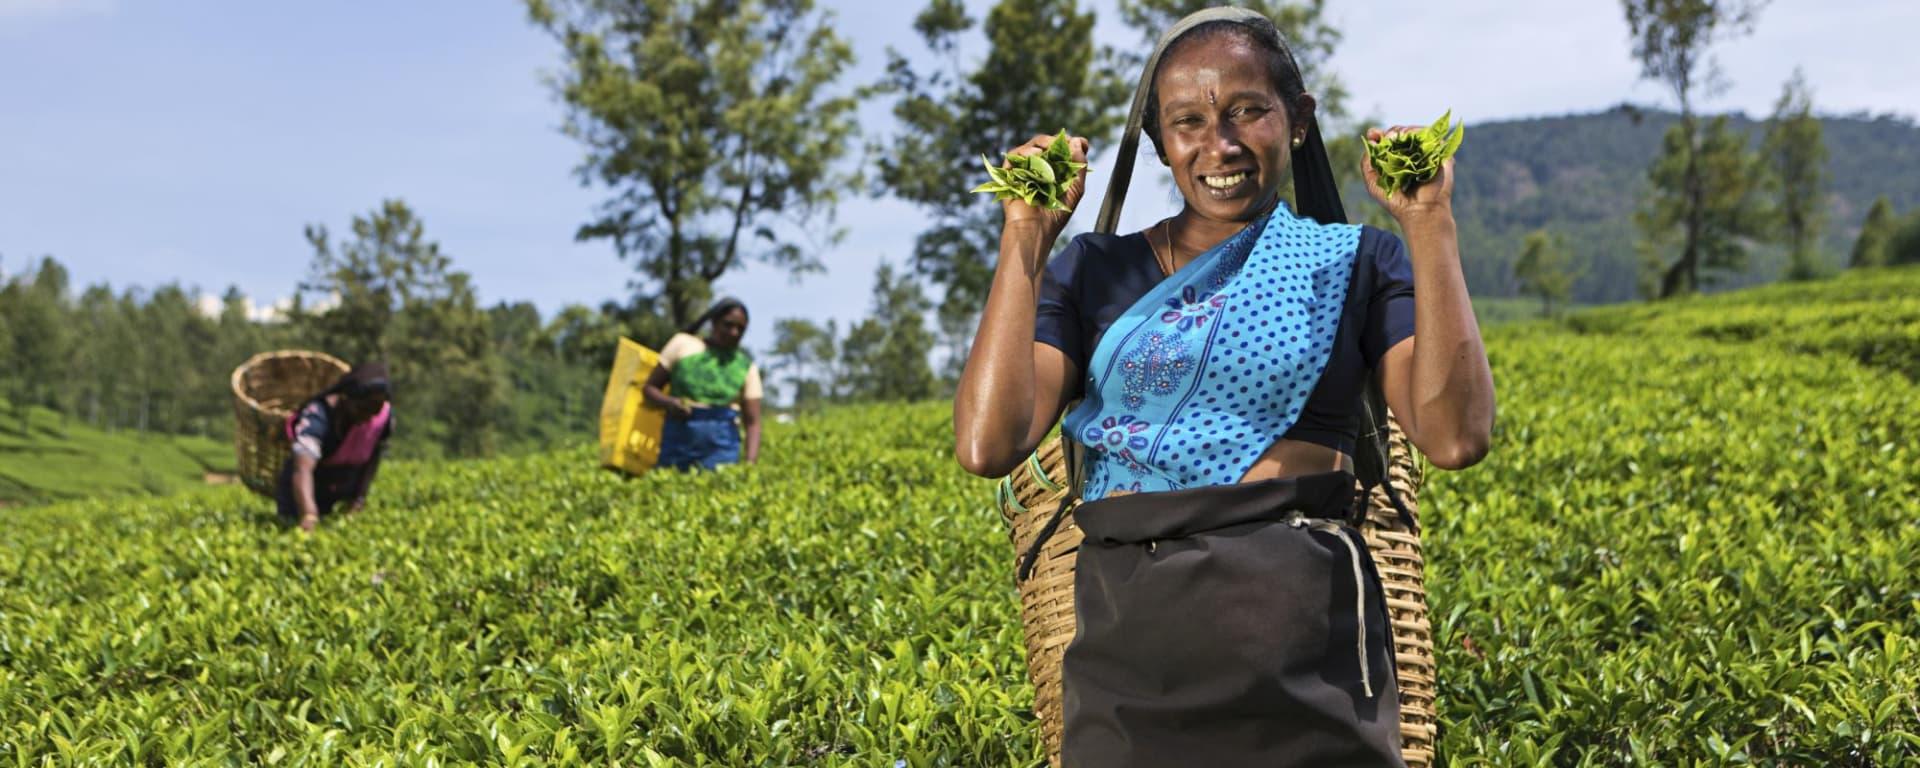 Voyages en Sri Lanka | Vacances en Asie par tourasia: Nuwara Eliya Tea plucking women